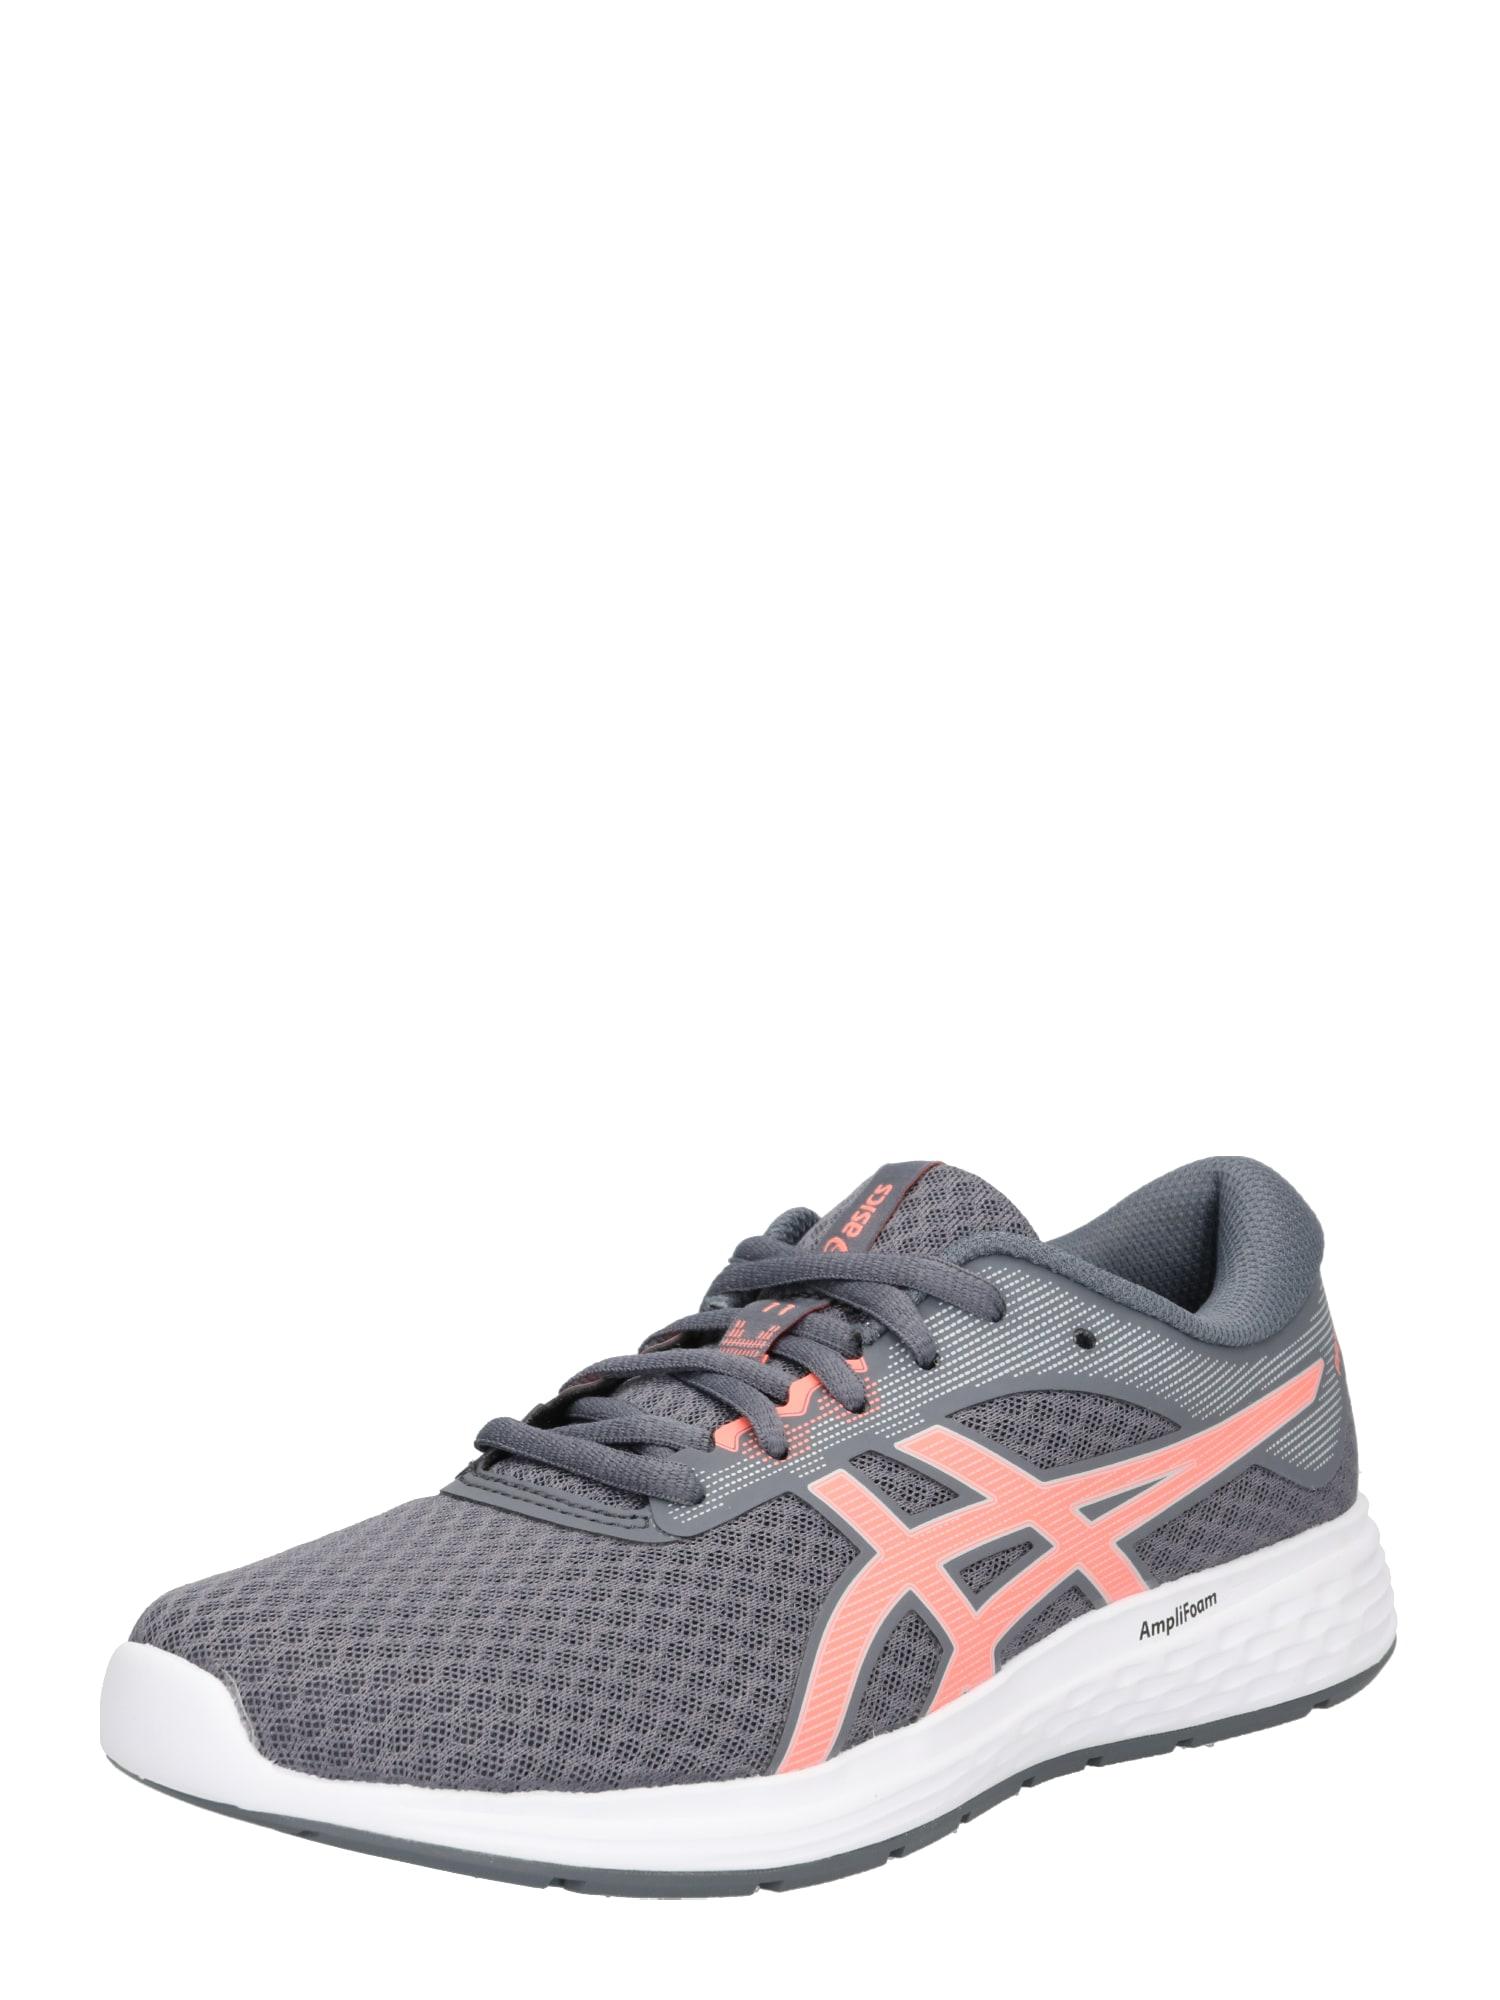 Sportovní boty Patriot 11 tmavě šedá korálová ASICS